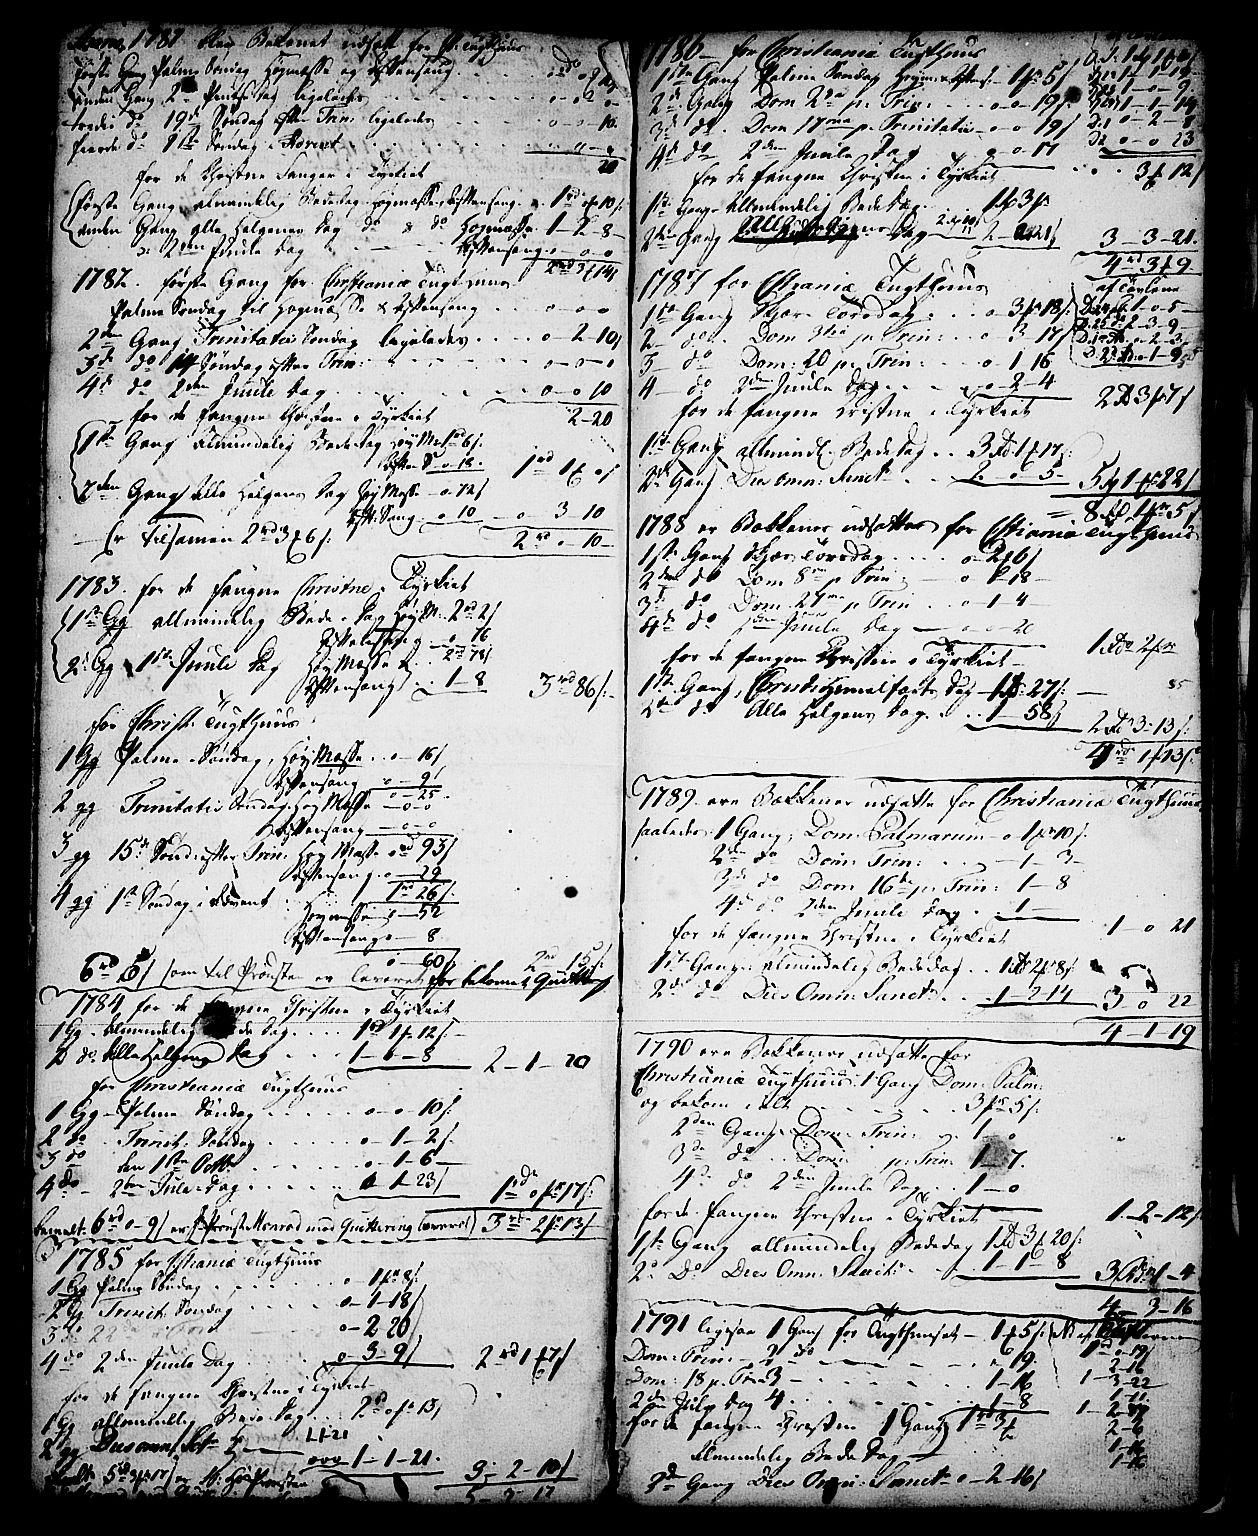 SAKO, Skien kirkebøker, G/Ga/L0001: Klokkerbok nr. 1, 1756-1791, s. 59